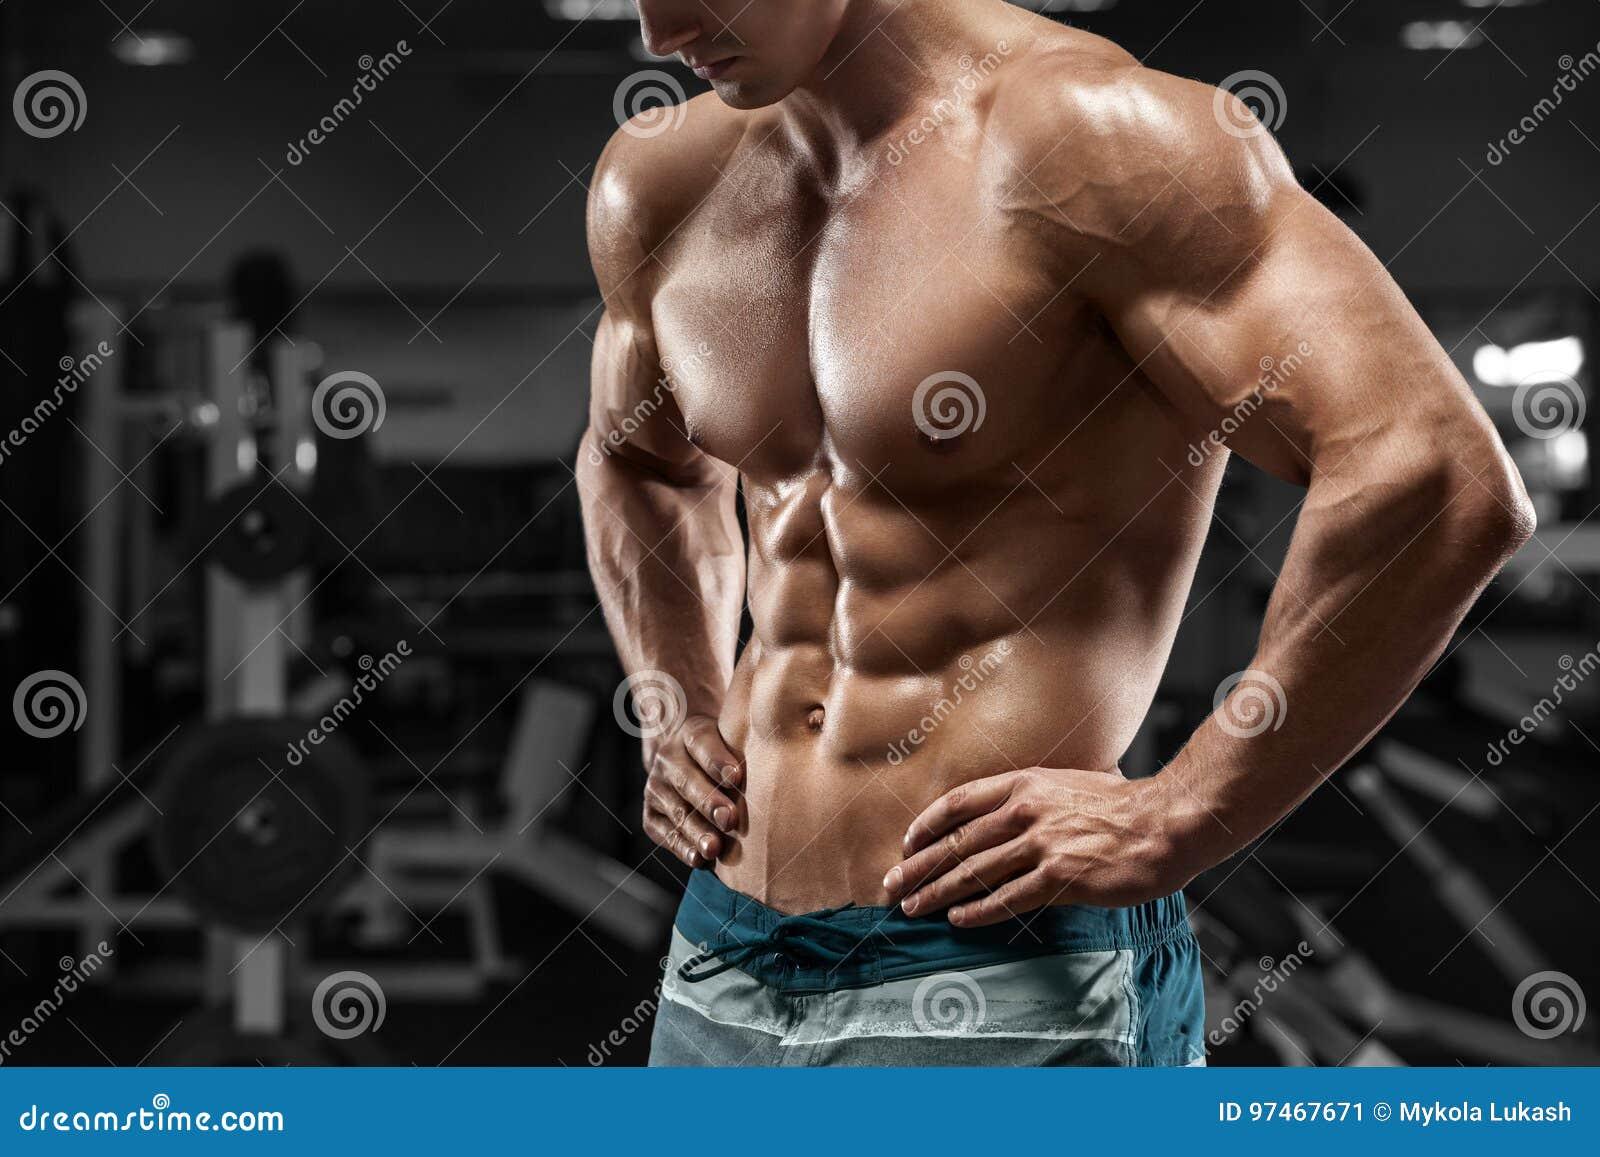 Μυϊκά ABS ατόμων στη γυμναστική, διαμορφωμένος κοιλιακός Ισχυρός αρσενικός γυμνός κορμός, επίλυση